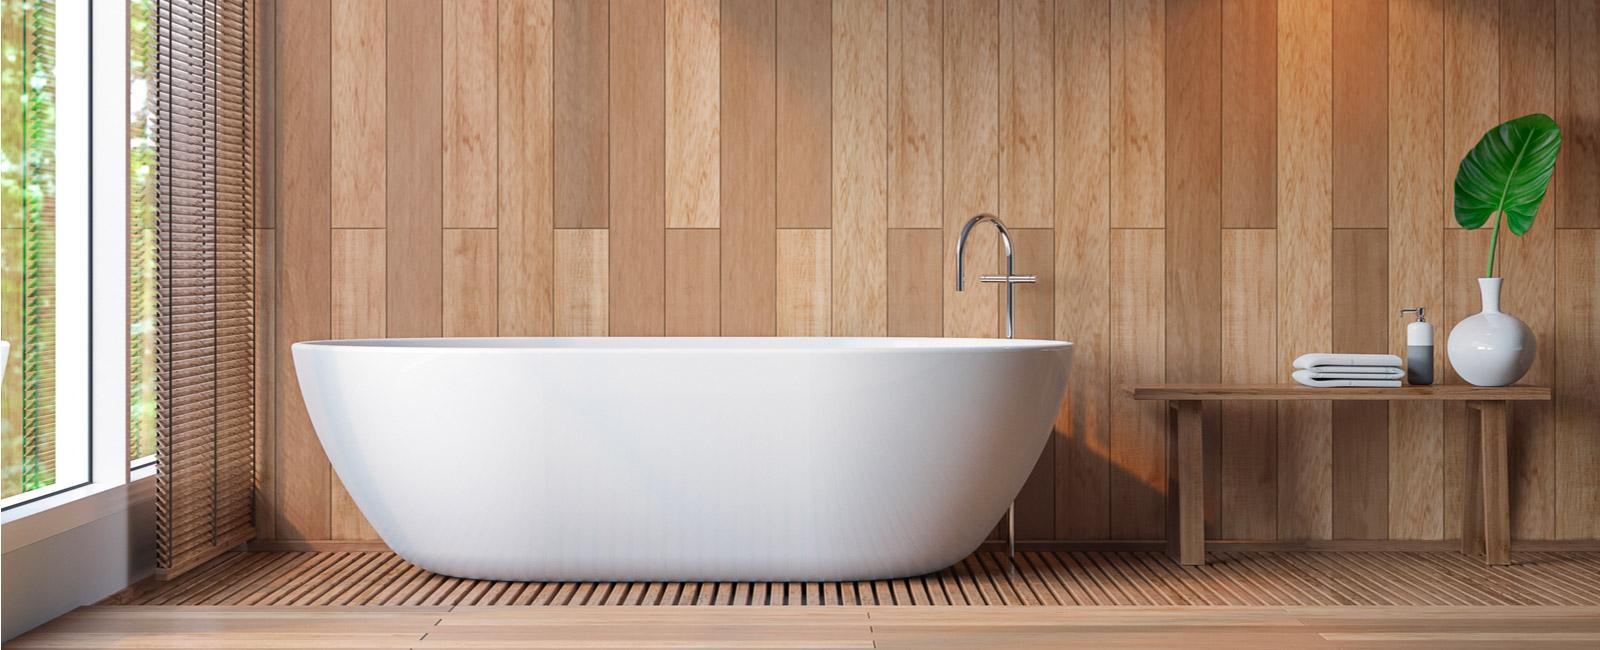 salle de bain éoclo